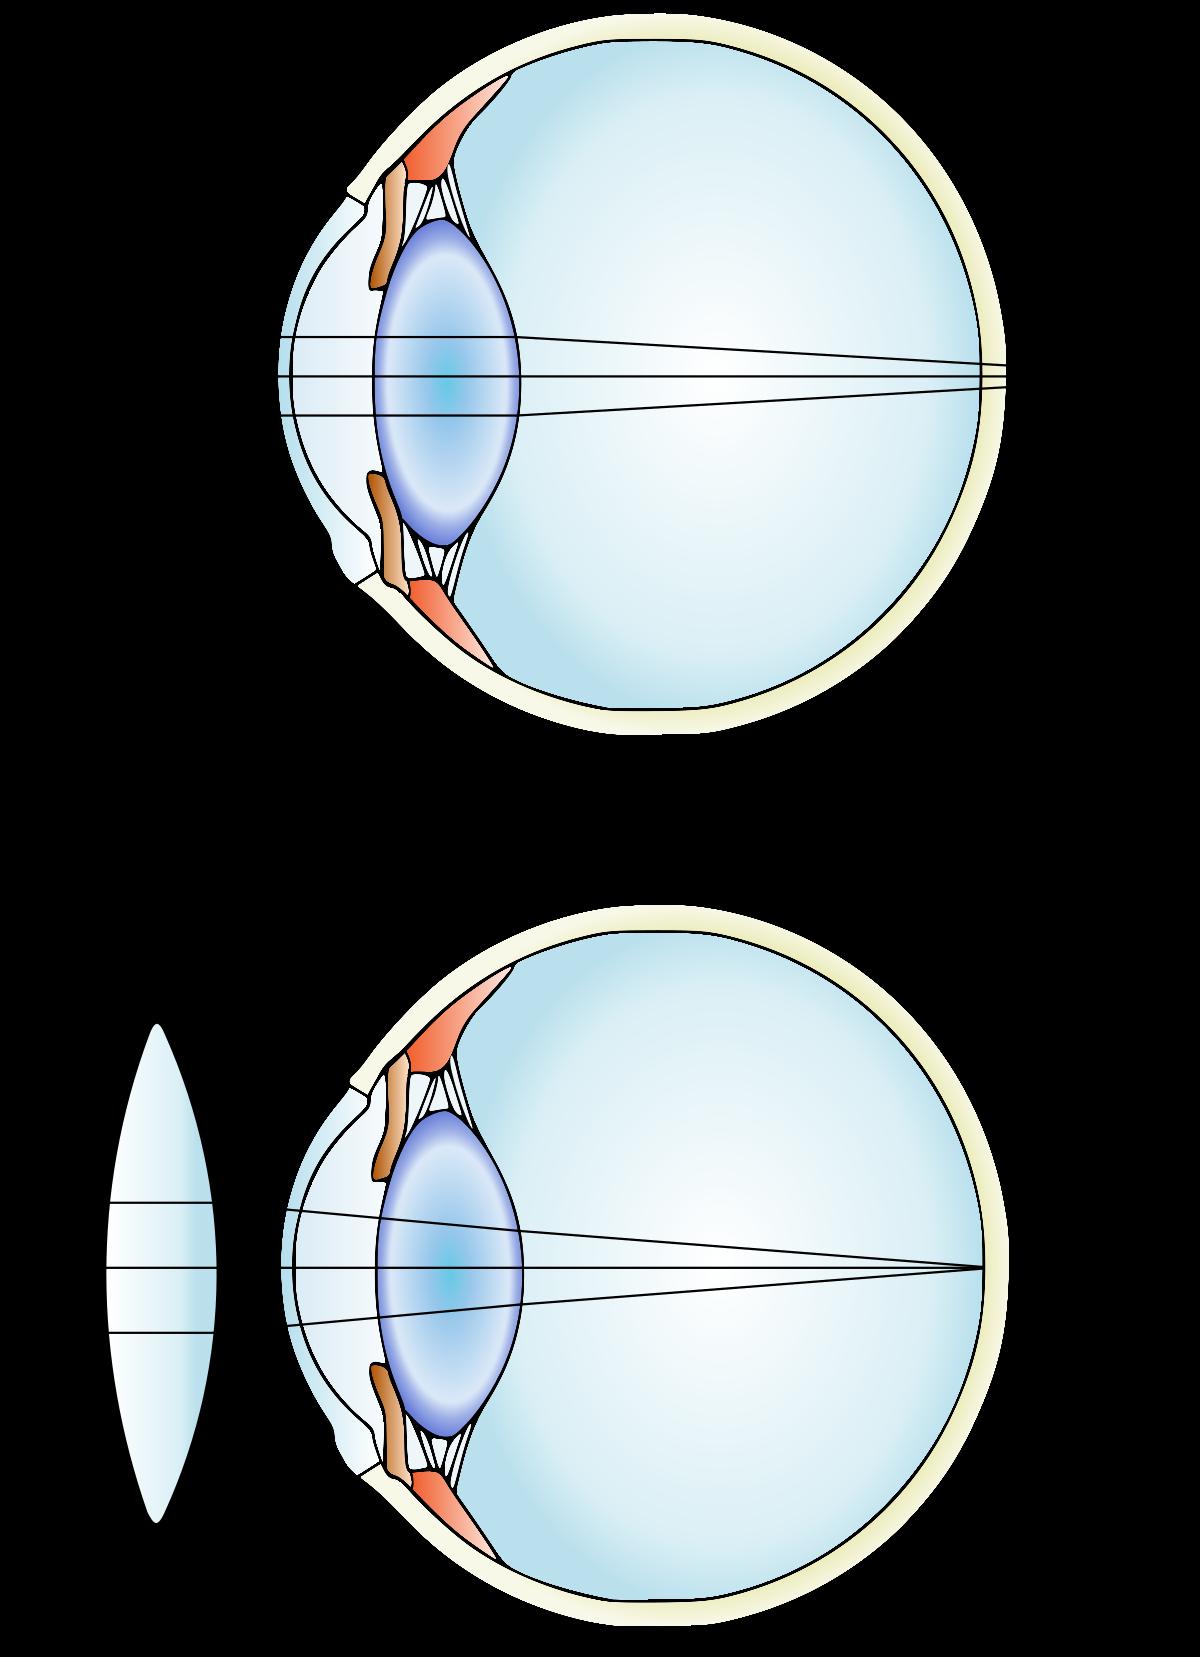 hyperopia plusz 0,5 lásd a vonal látványát